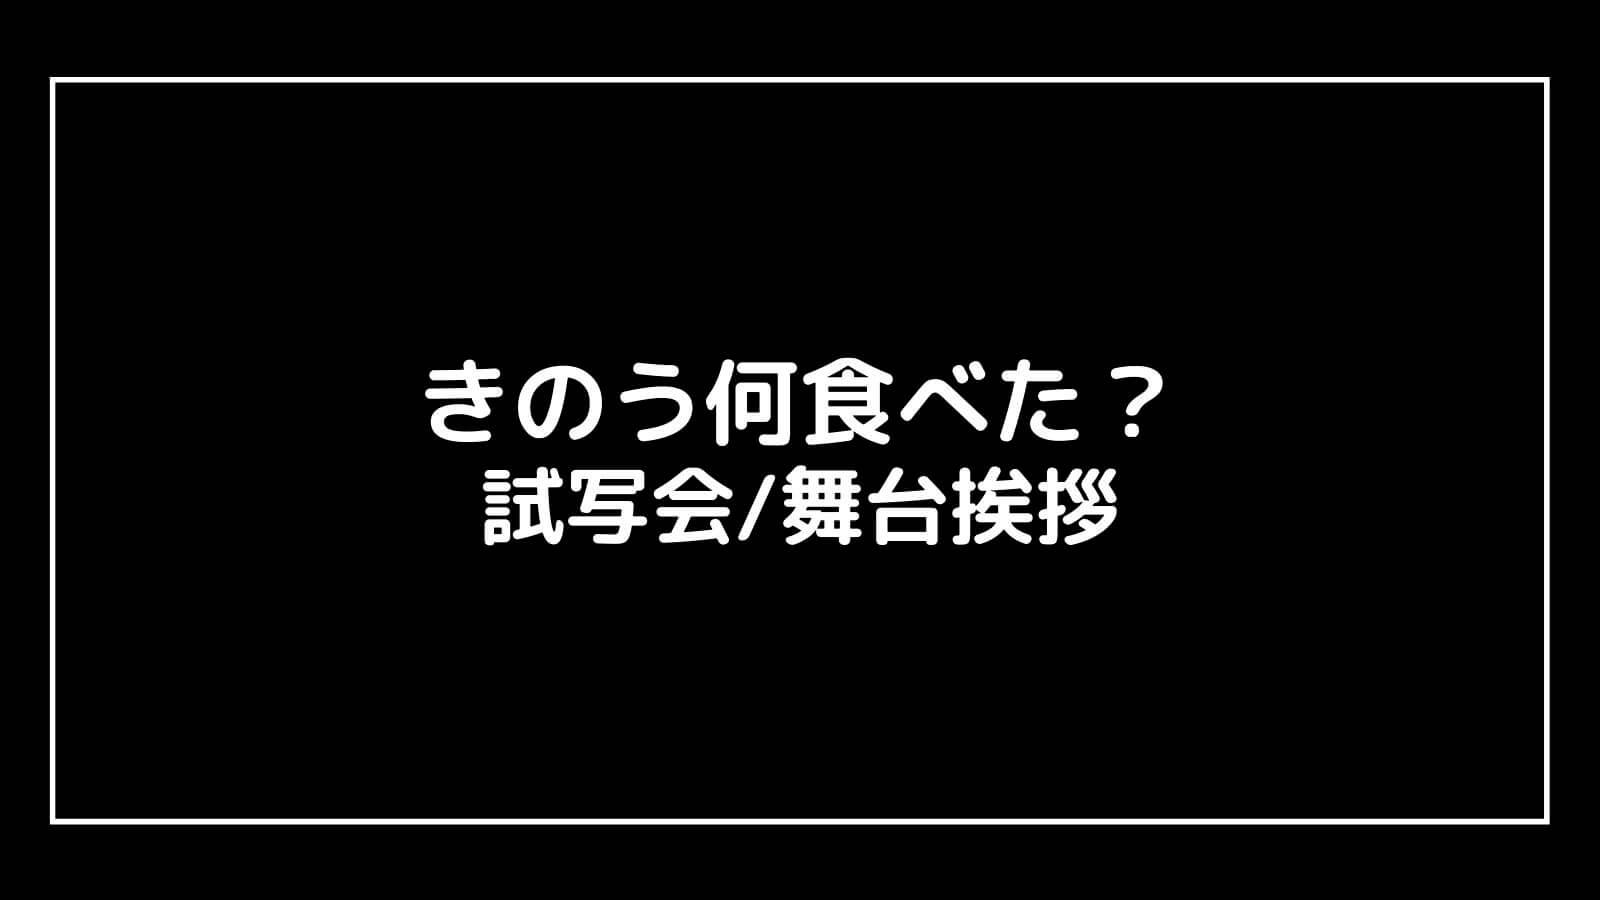 映画『きのう何食べた?』の試写会と舞台挨拶ライブビューイング情報